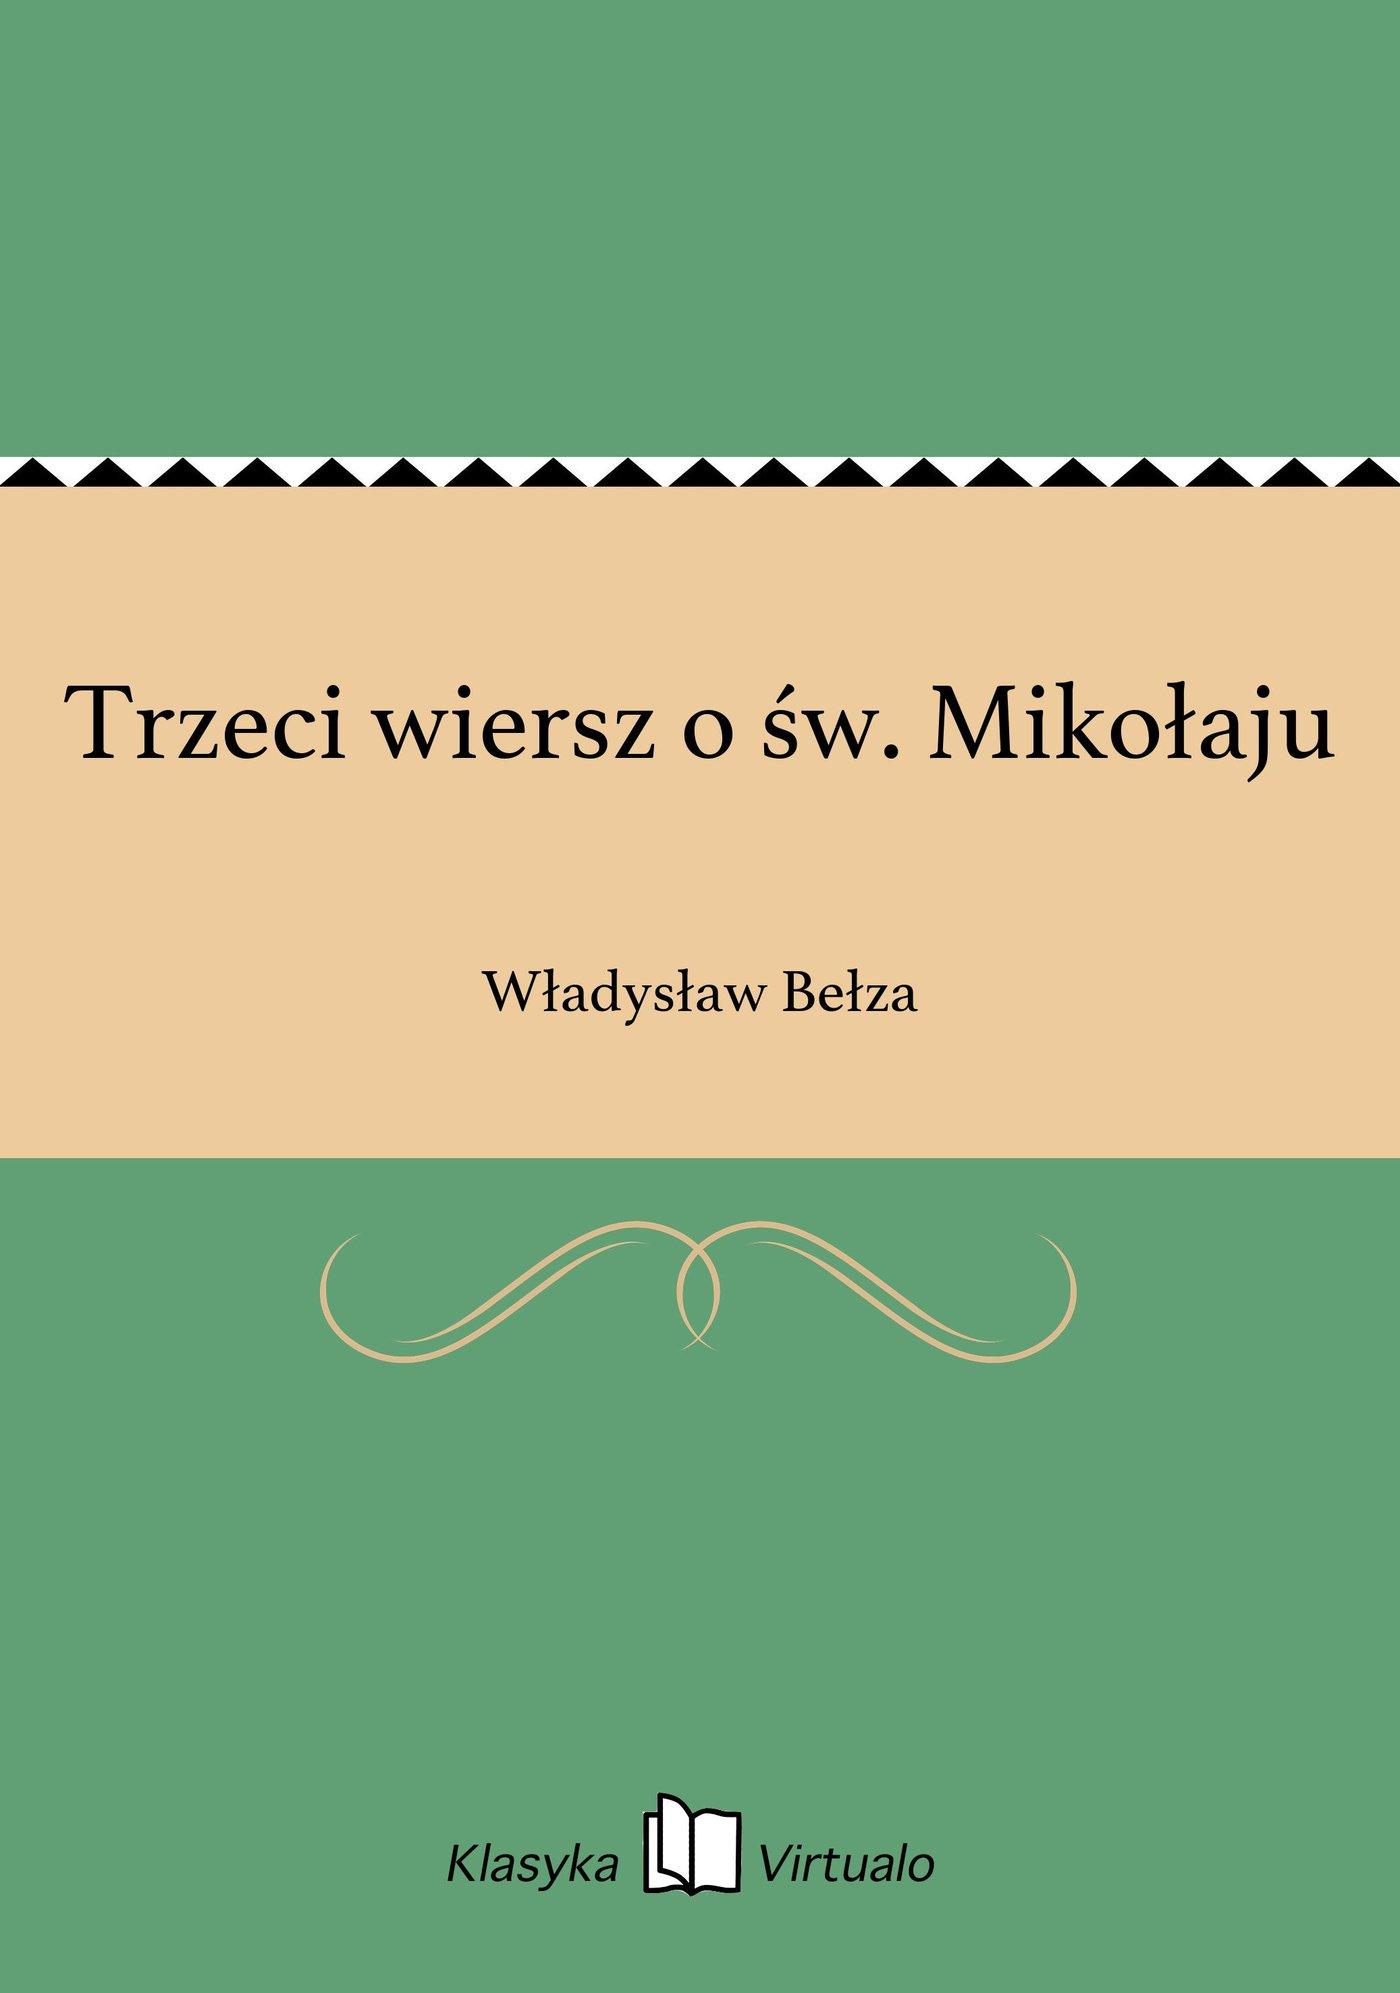 Trzeci Wiersz O św Mikołaju Władysław Bełza Ebook